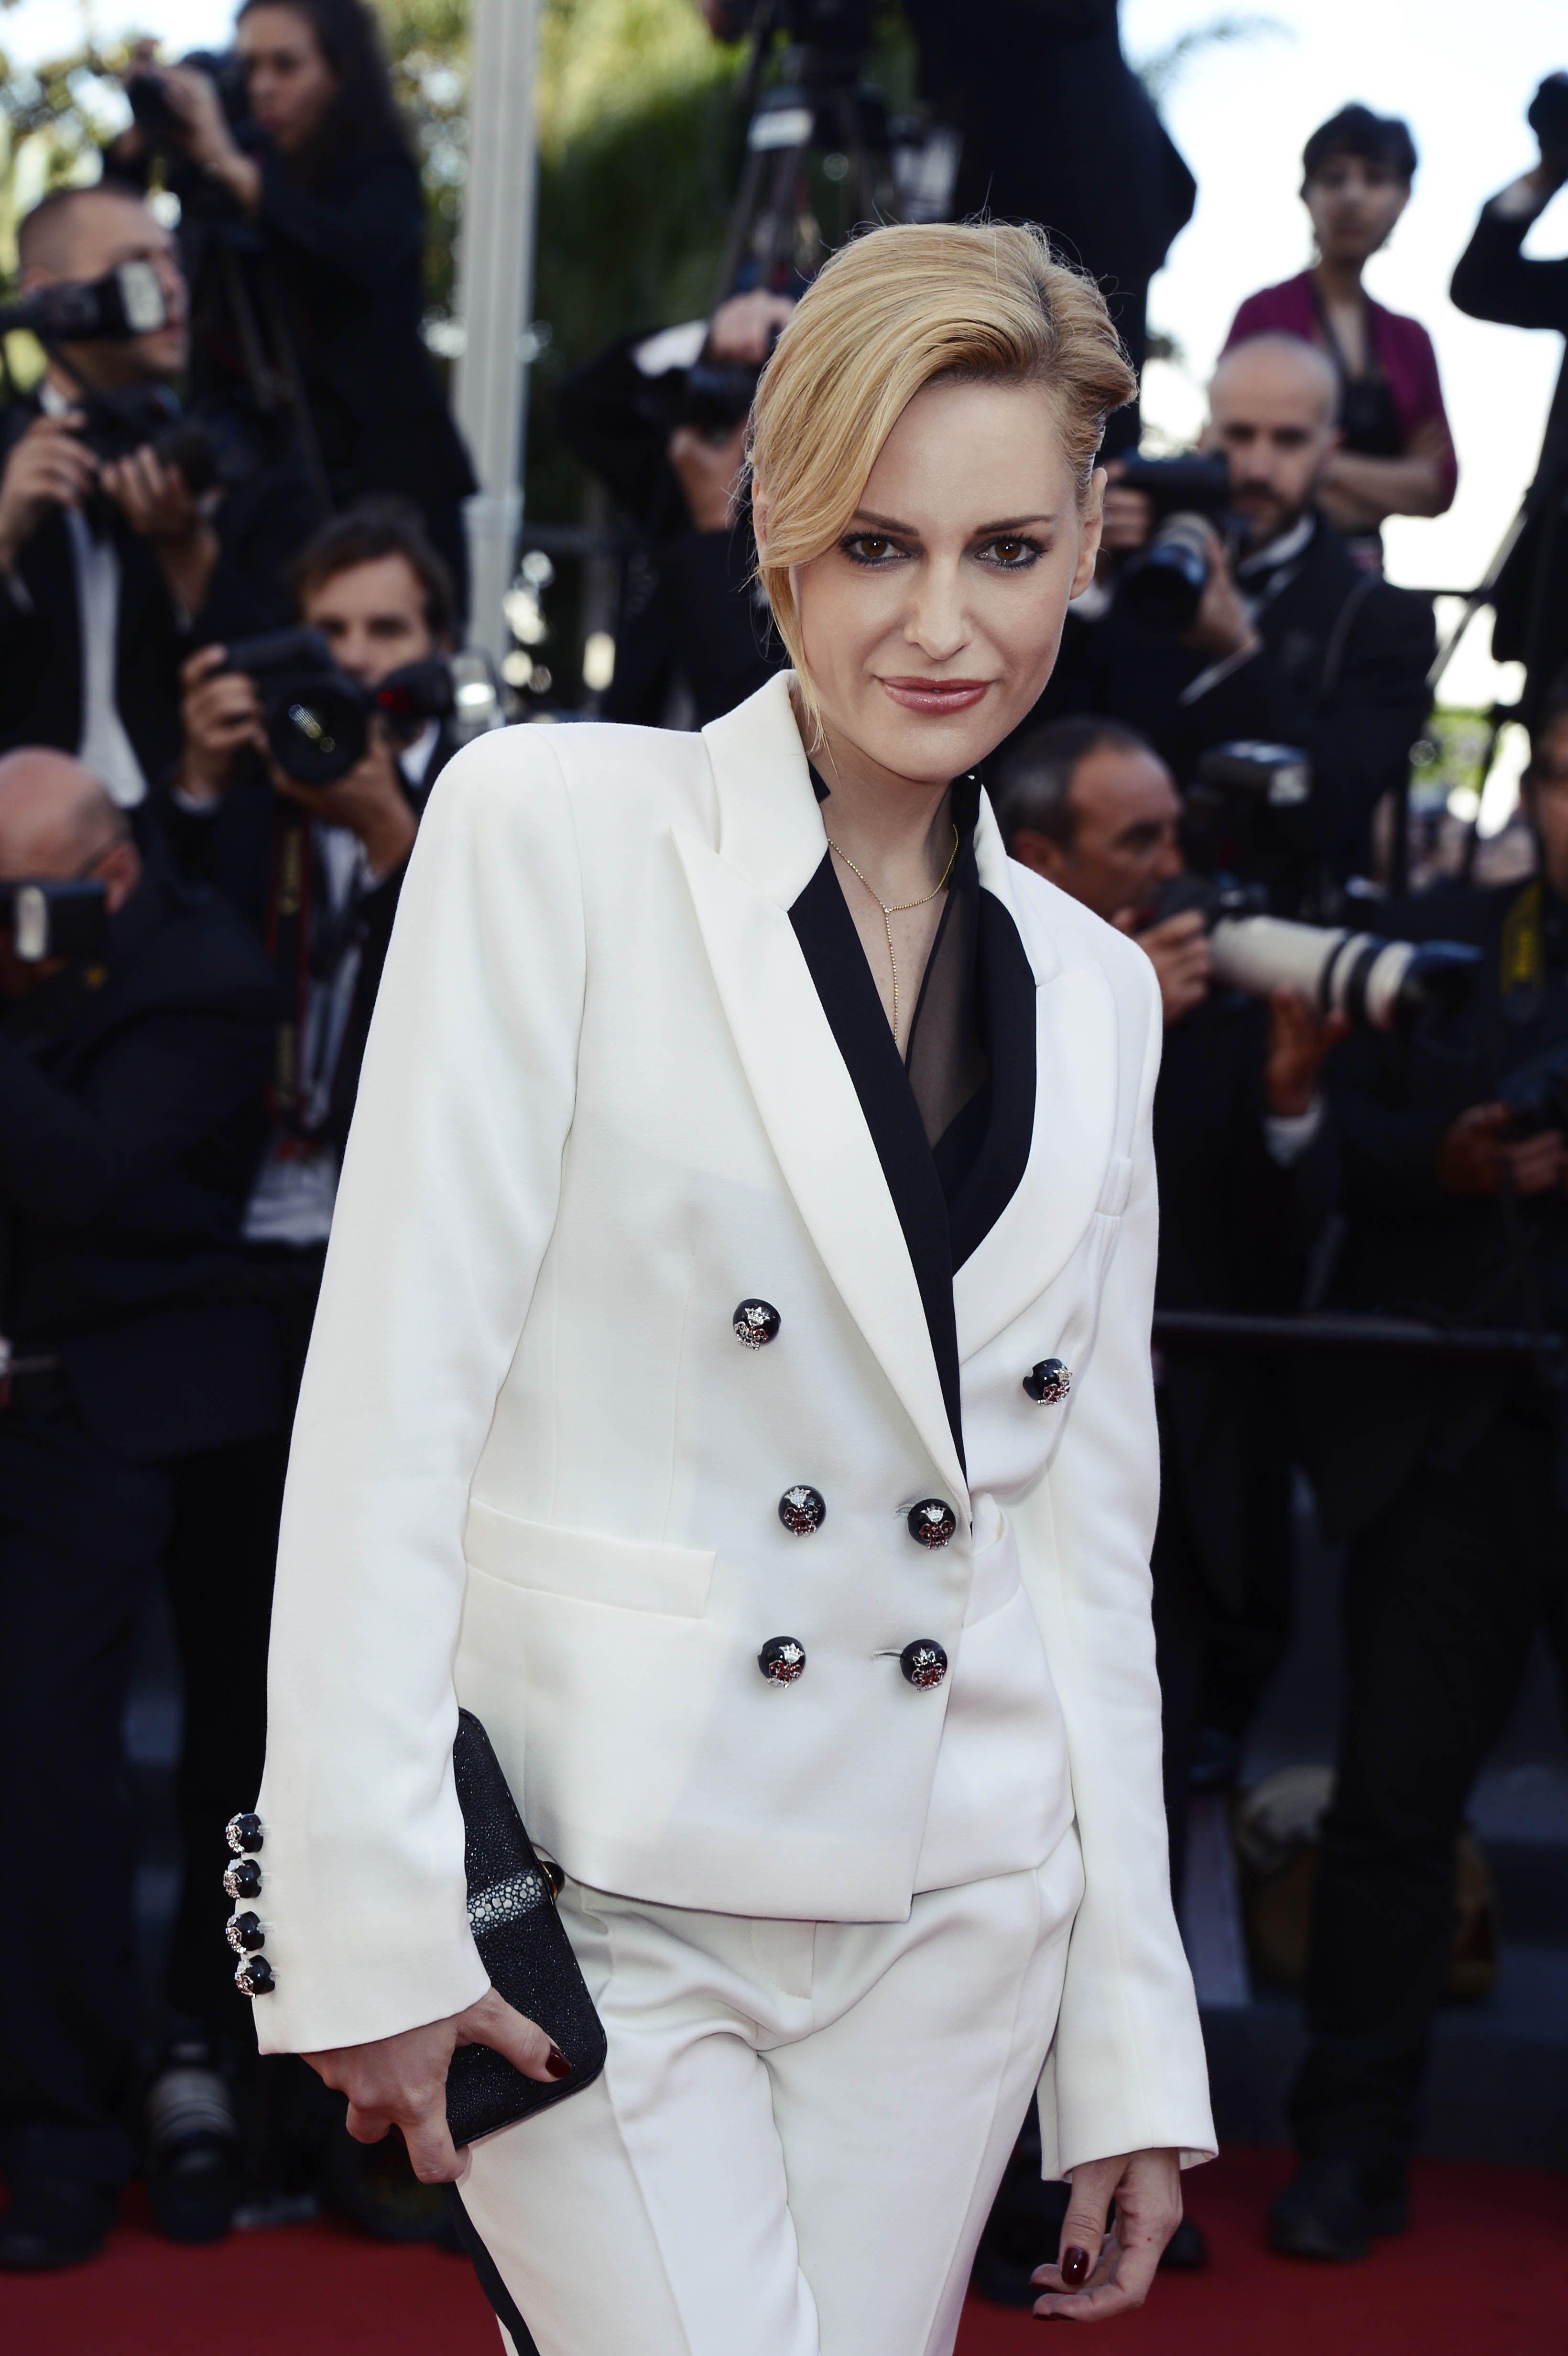 Aimee Mullins' - Cannes 2013 met een stoere look, verfrissend anders